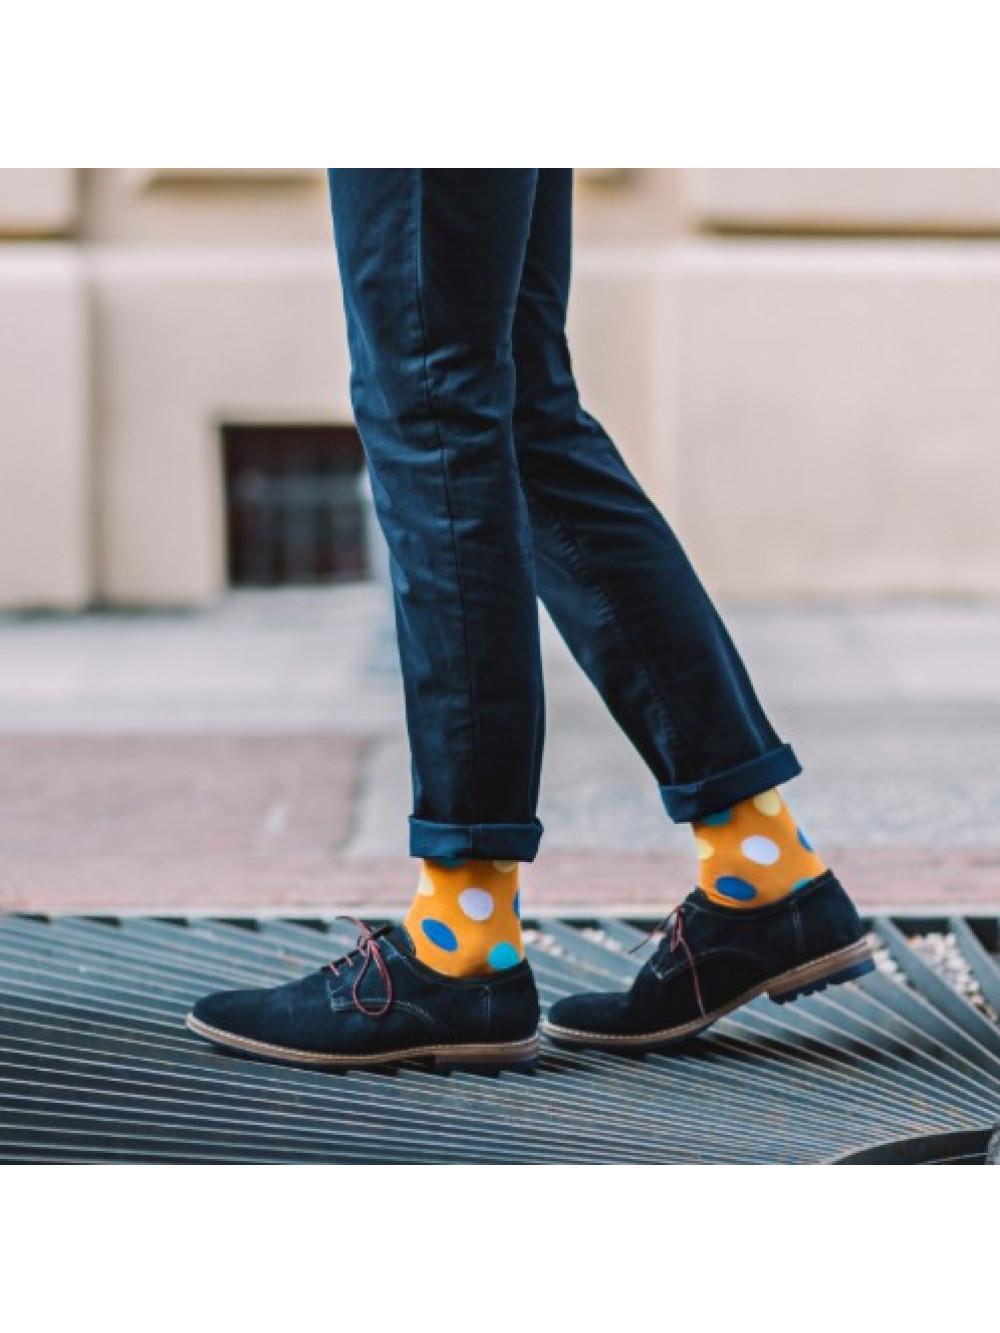 aff4ede6ecf Ponožky More oranžové s veľkými farebnými bodkami